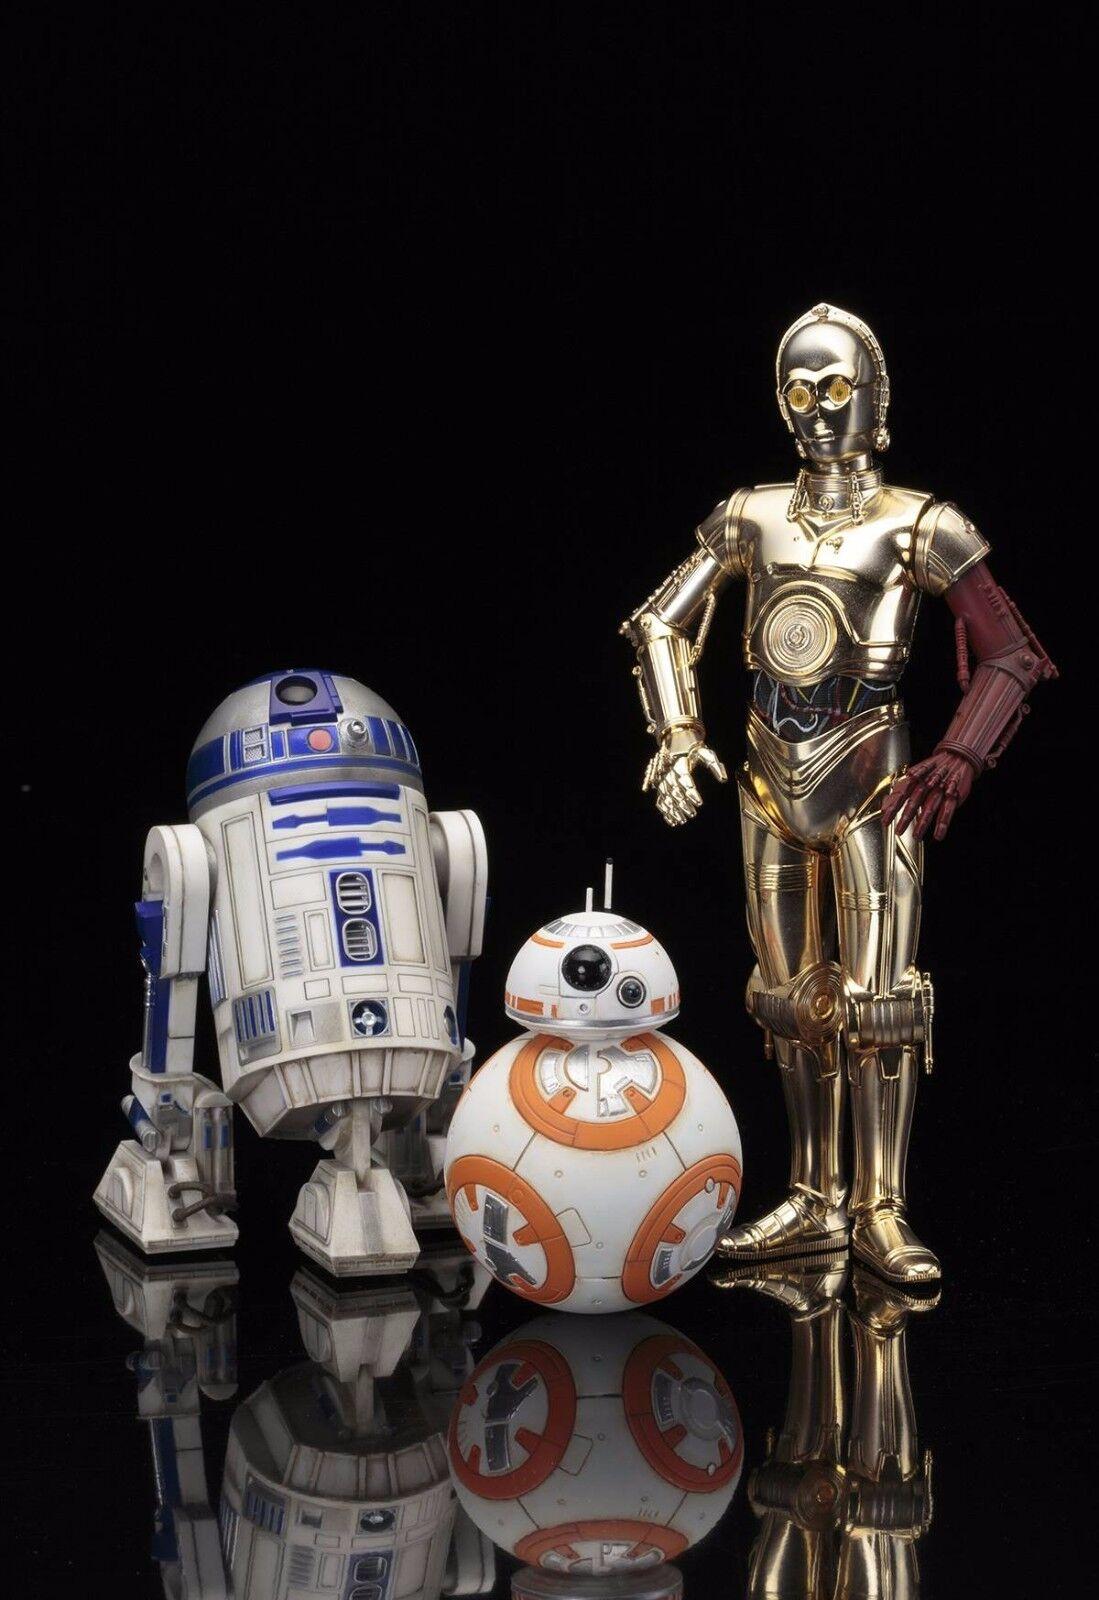 C-3PO & R2-D2 W  BB-8 ARTFX+ STATUE